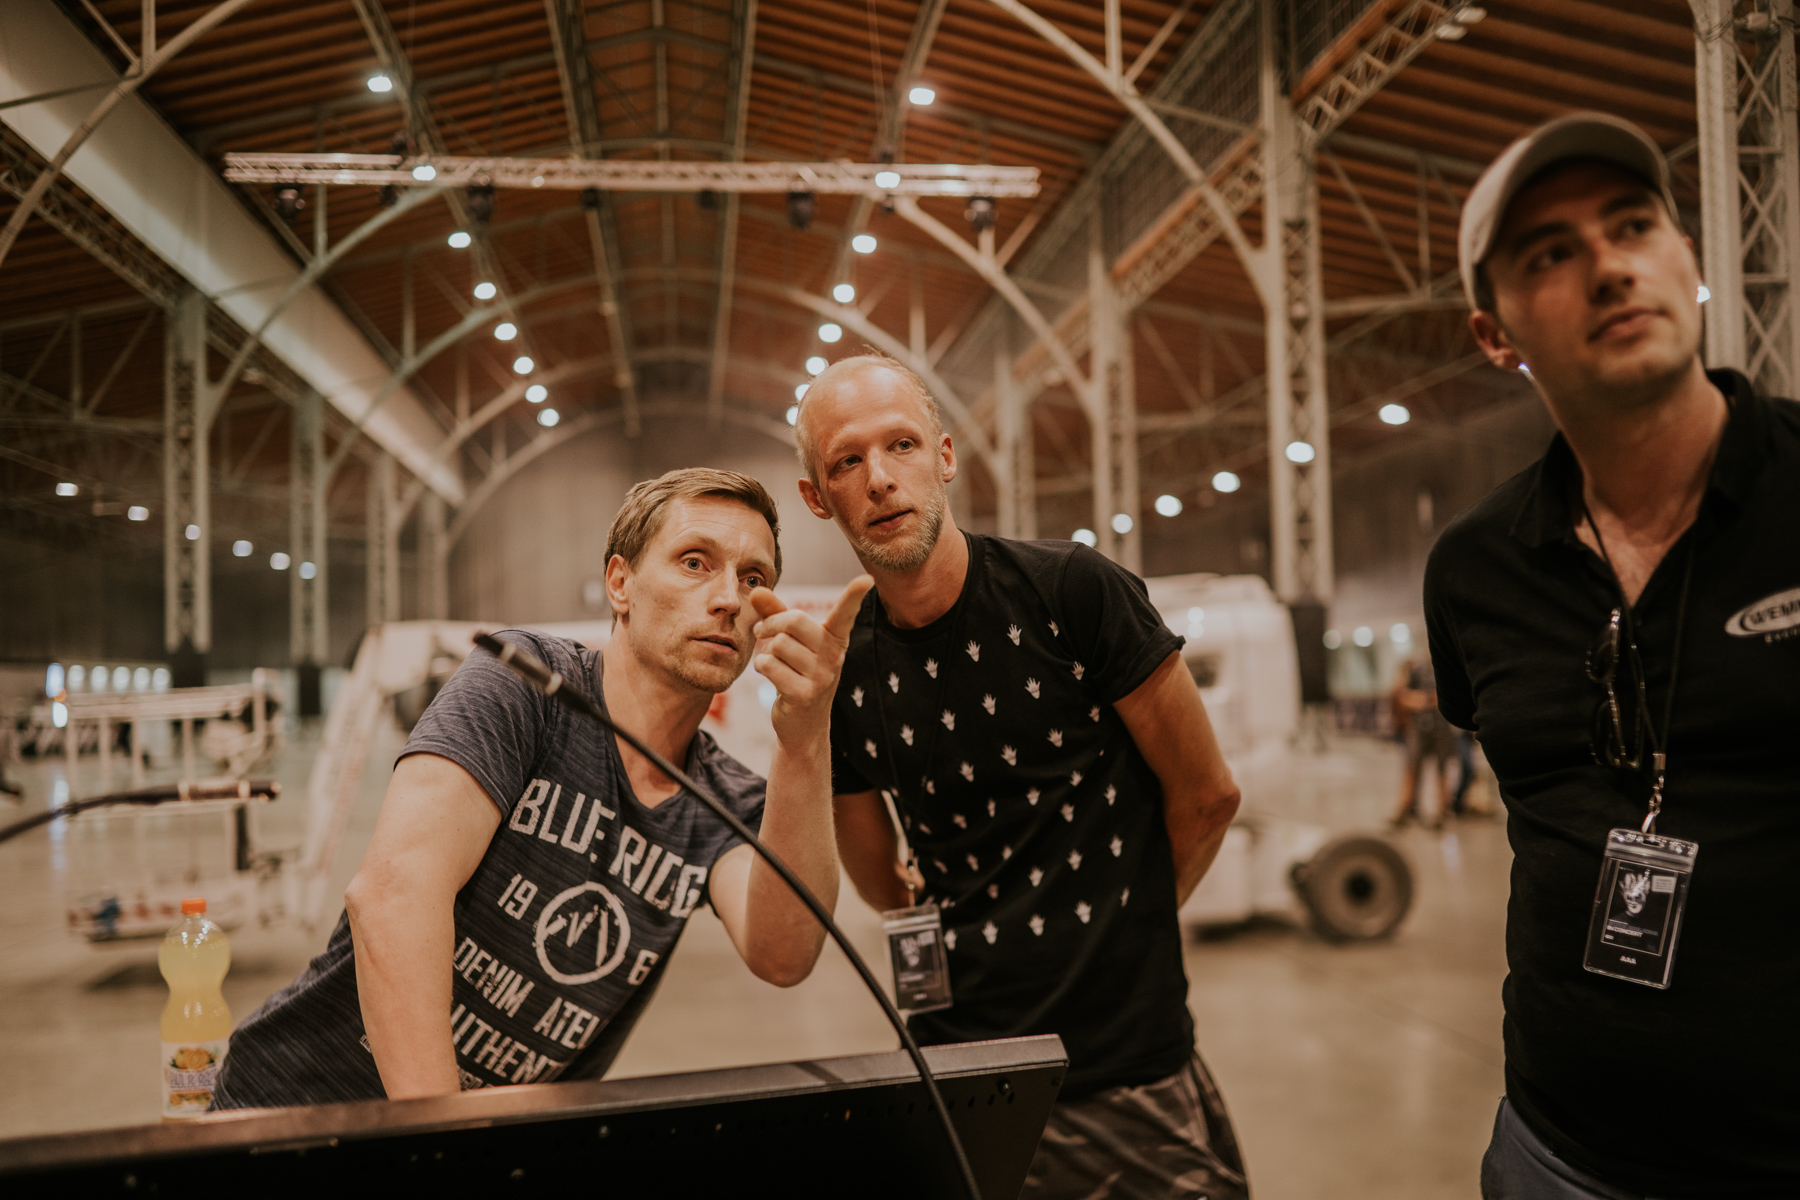 Felix-Hohagen-Photography-03236.jpg